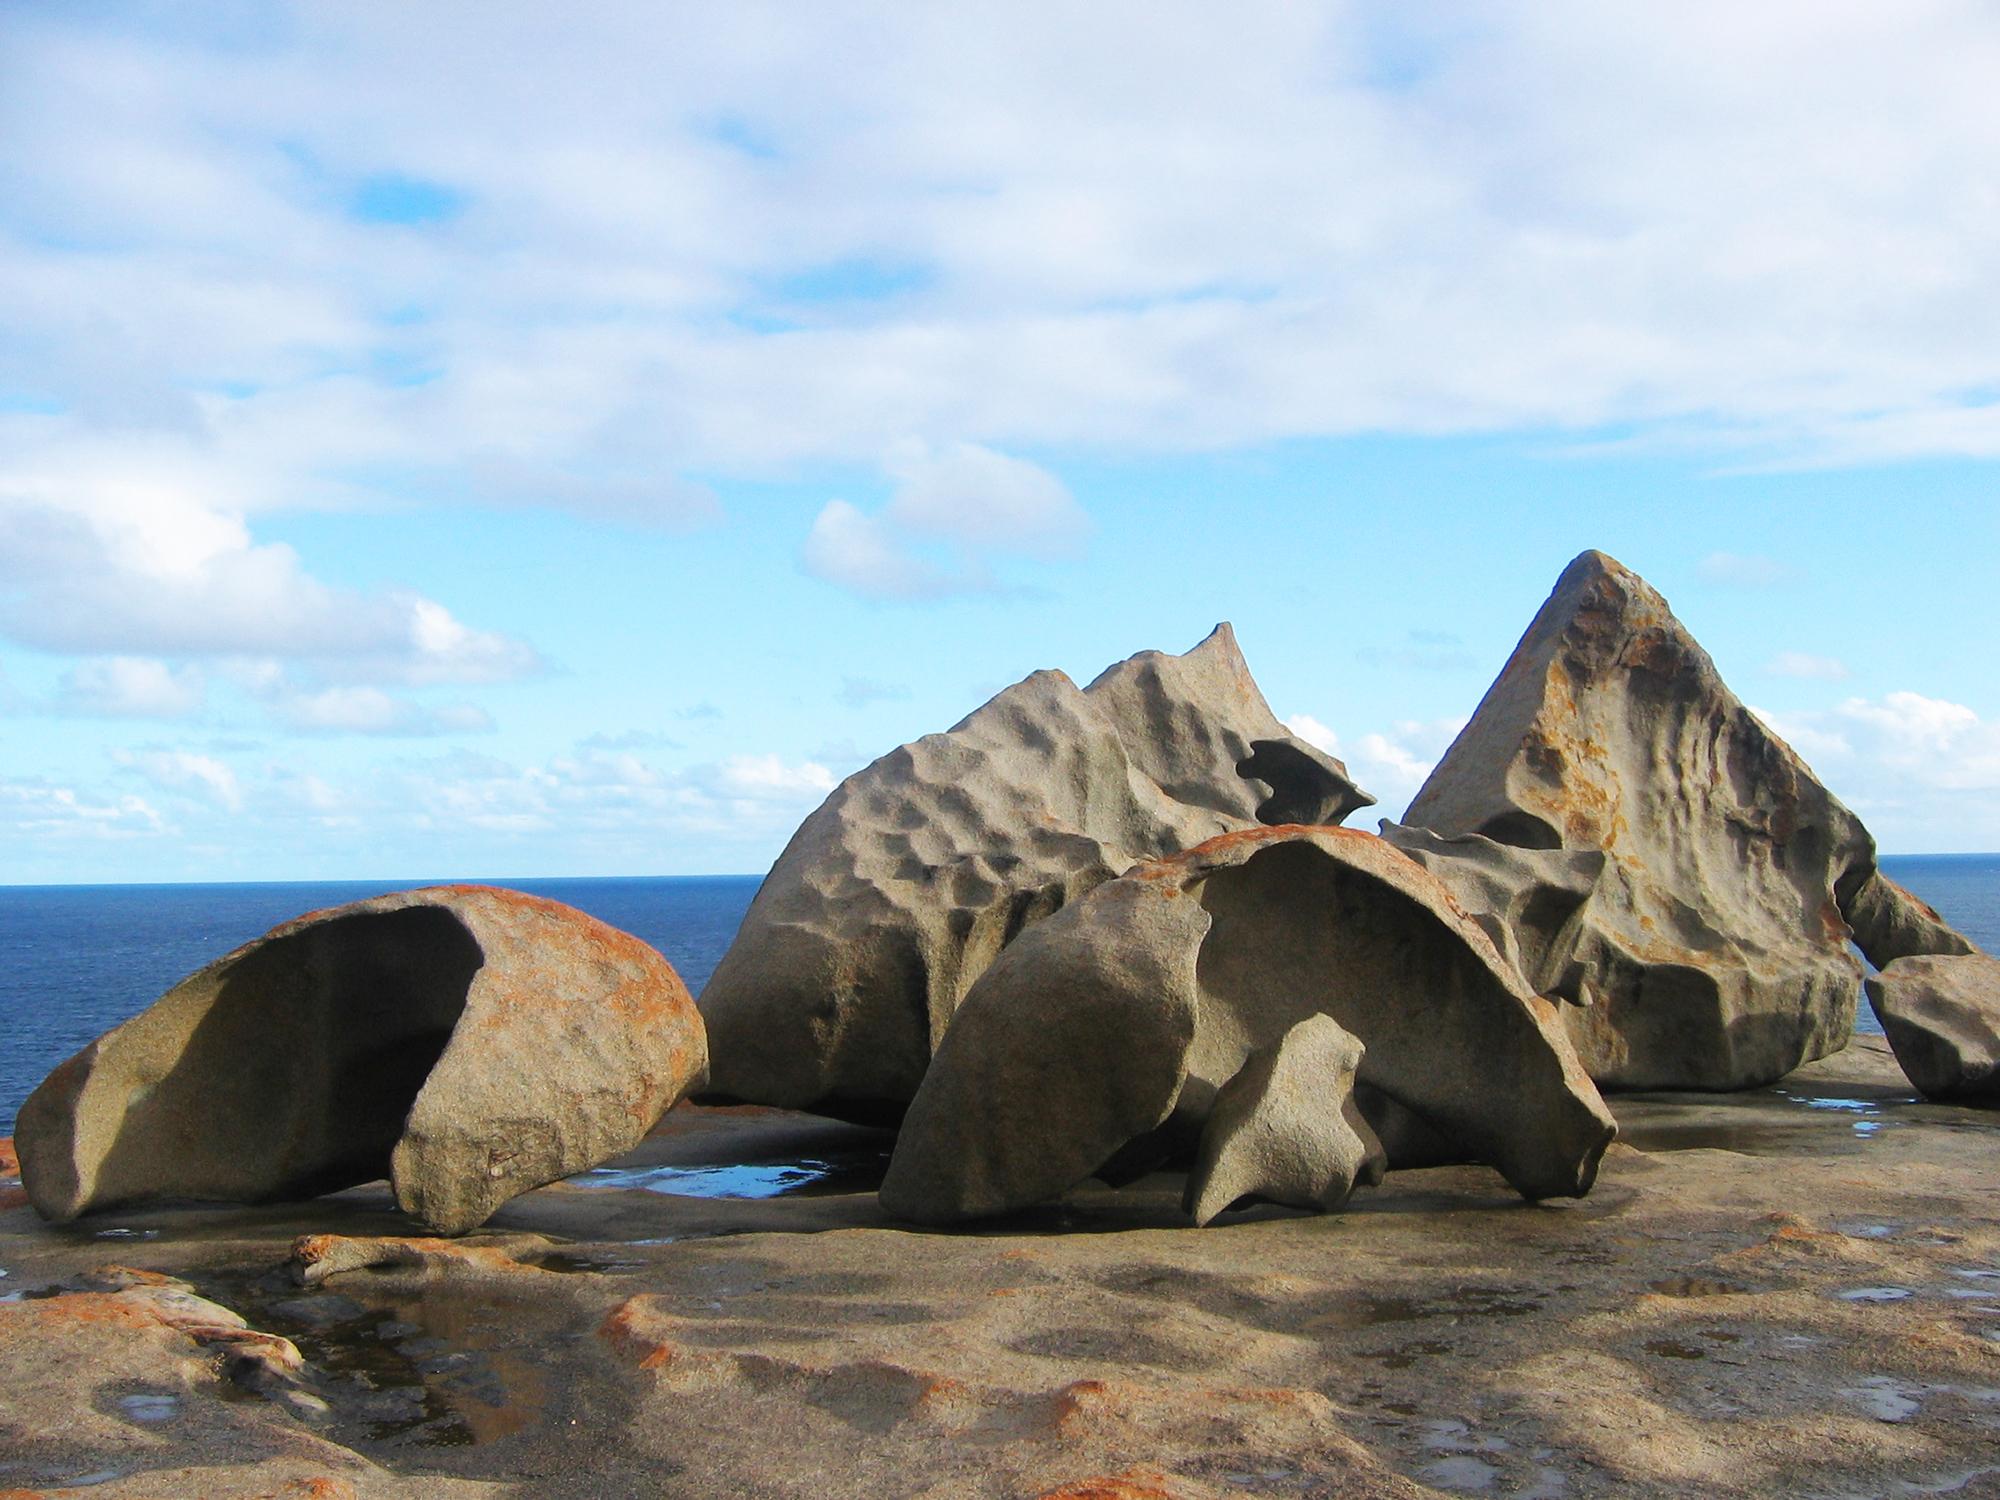 Road trip en Australie - Kangaroo Island